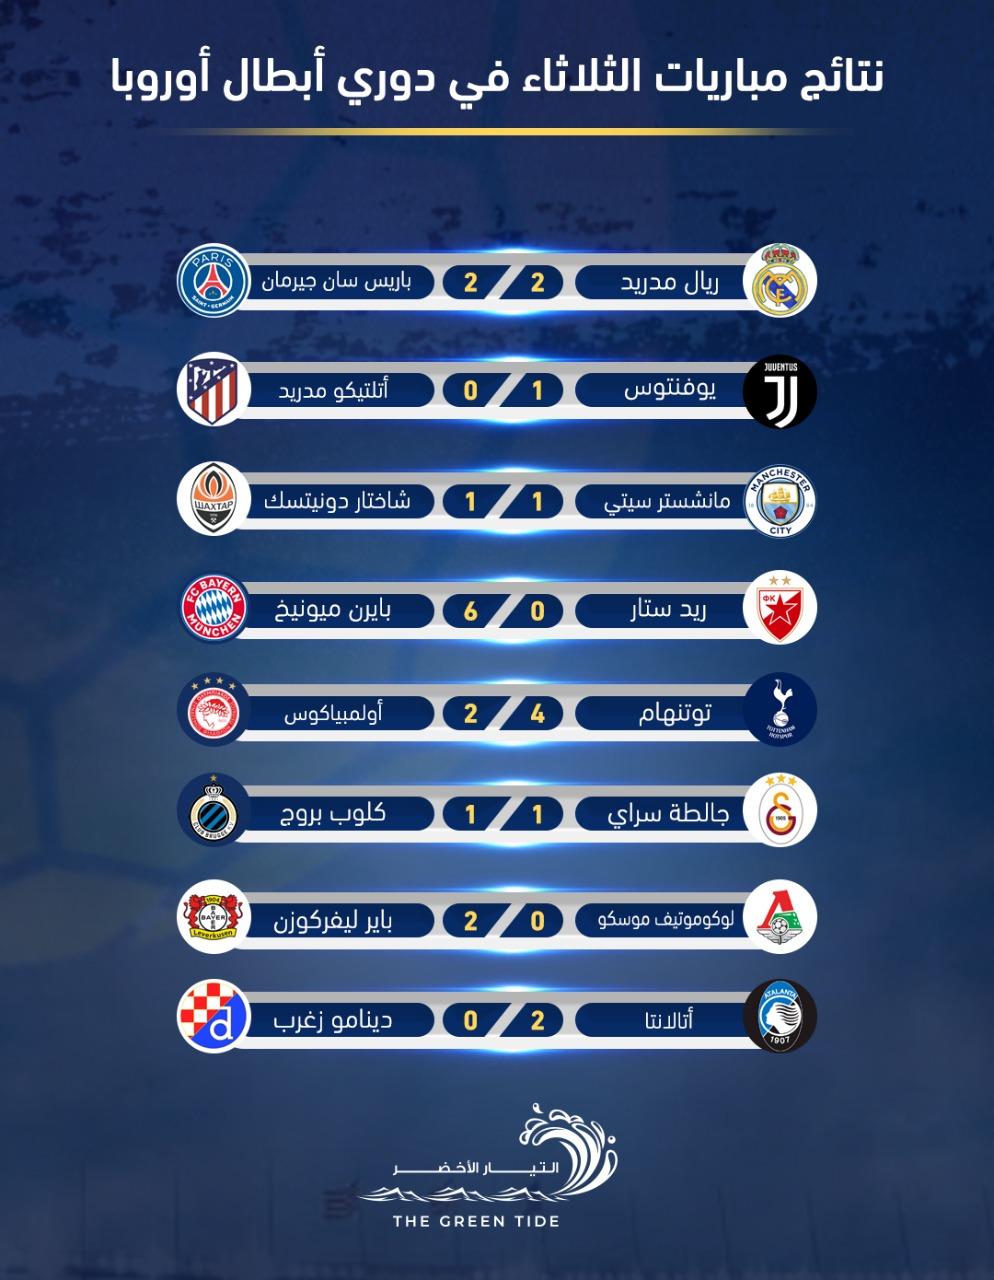 نتائج مباريات الثلاثاء في دوري أبطال أوروبا - التيار الاخضر